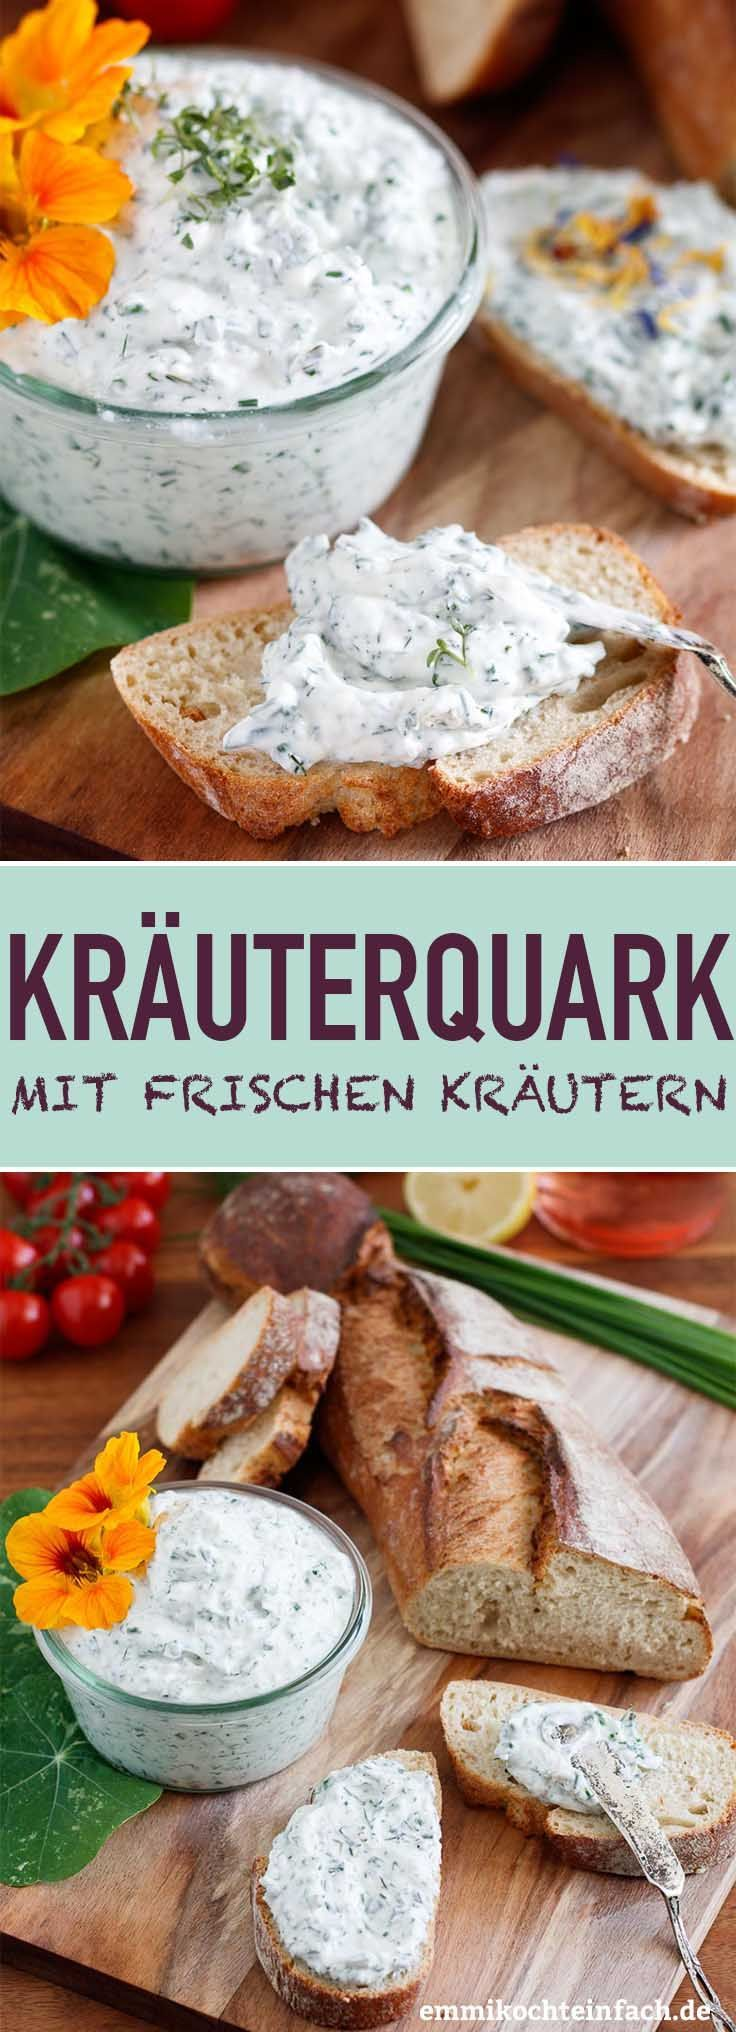 Kräuterquark mit frischen Kräutern und Zitrone - emmikochteinfach